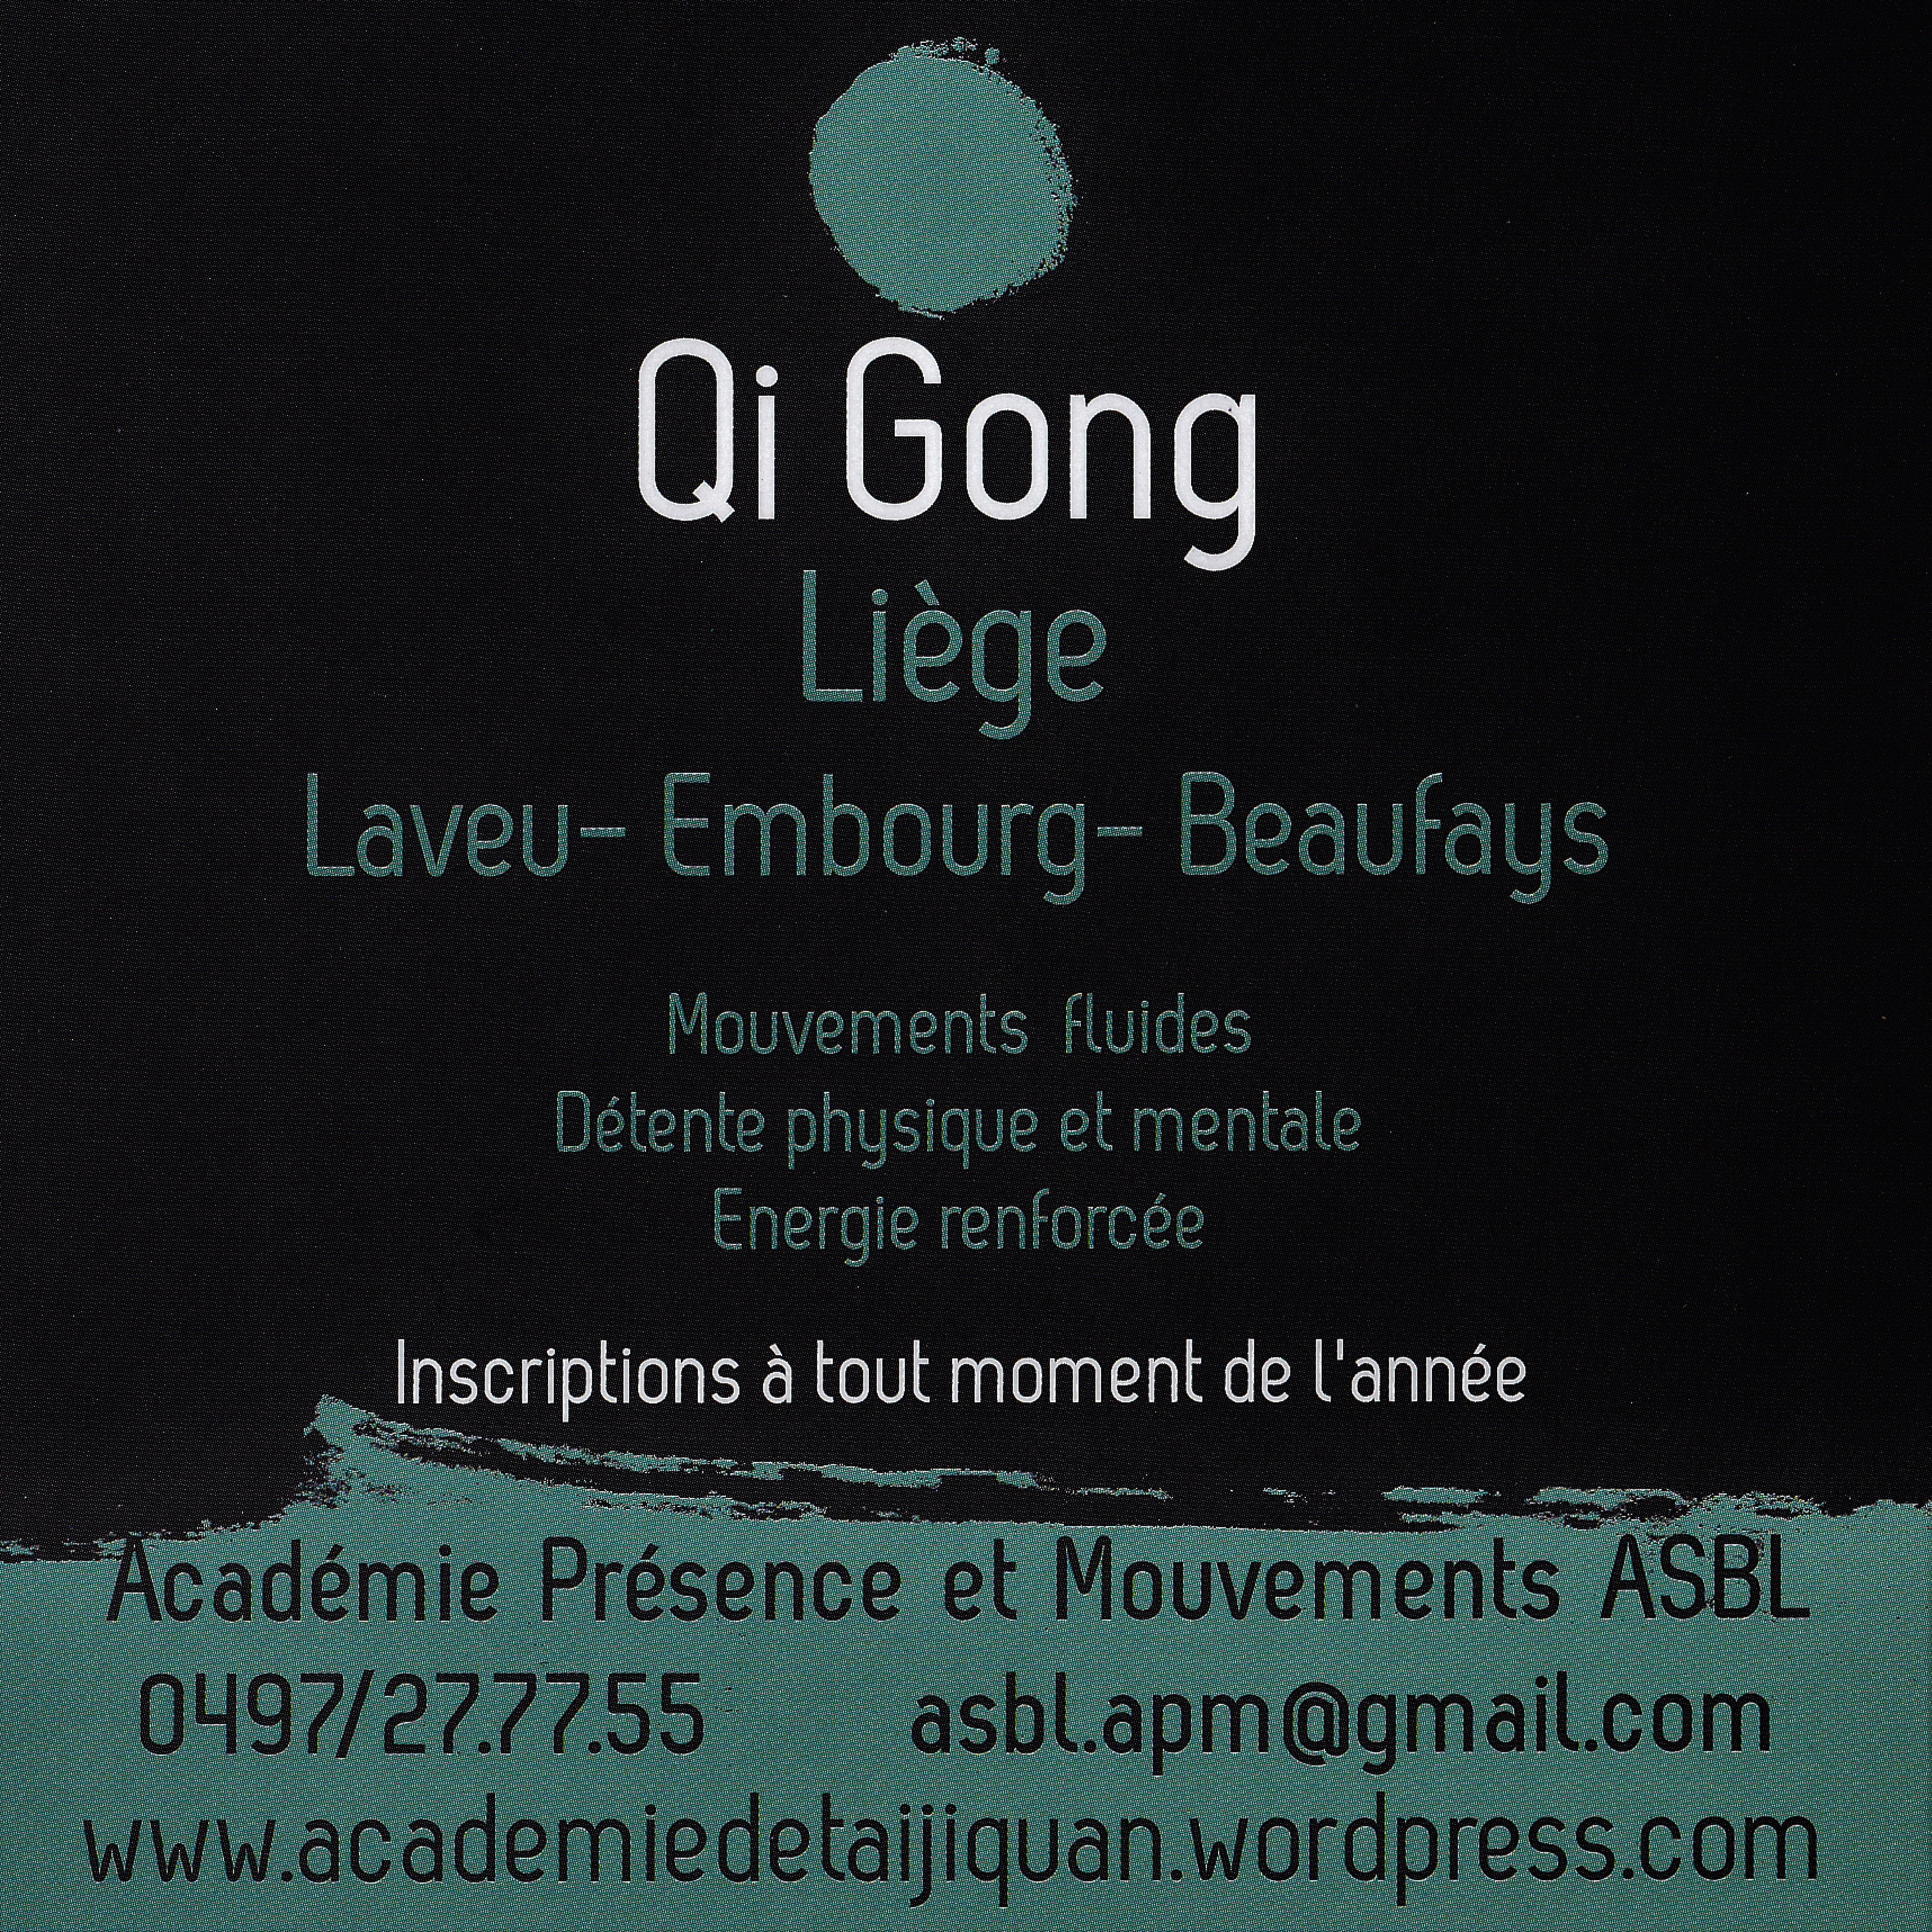 Qi Gong Liège